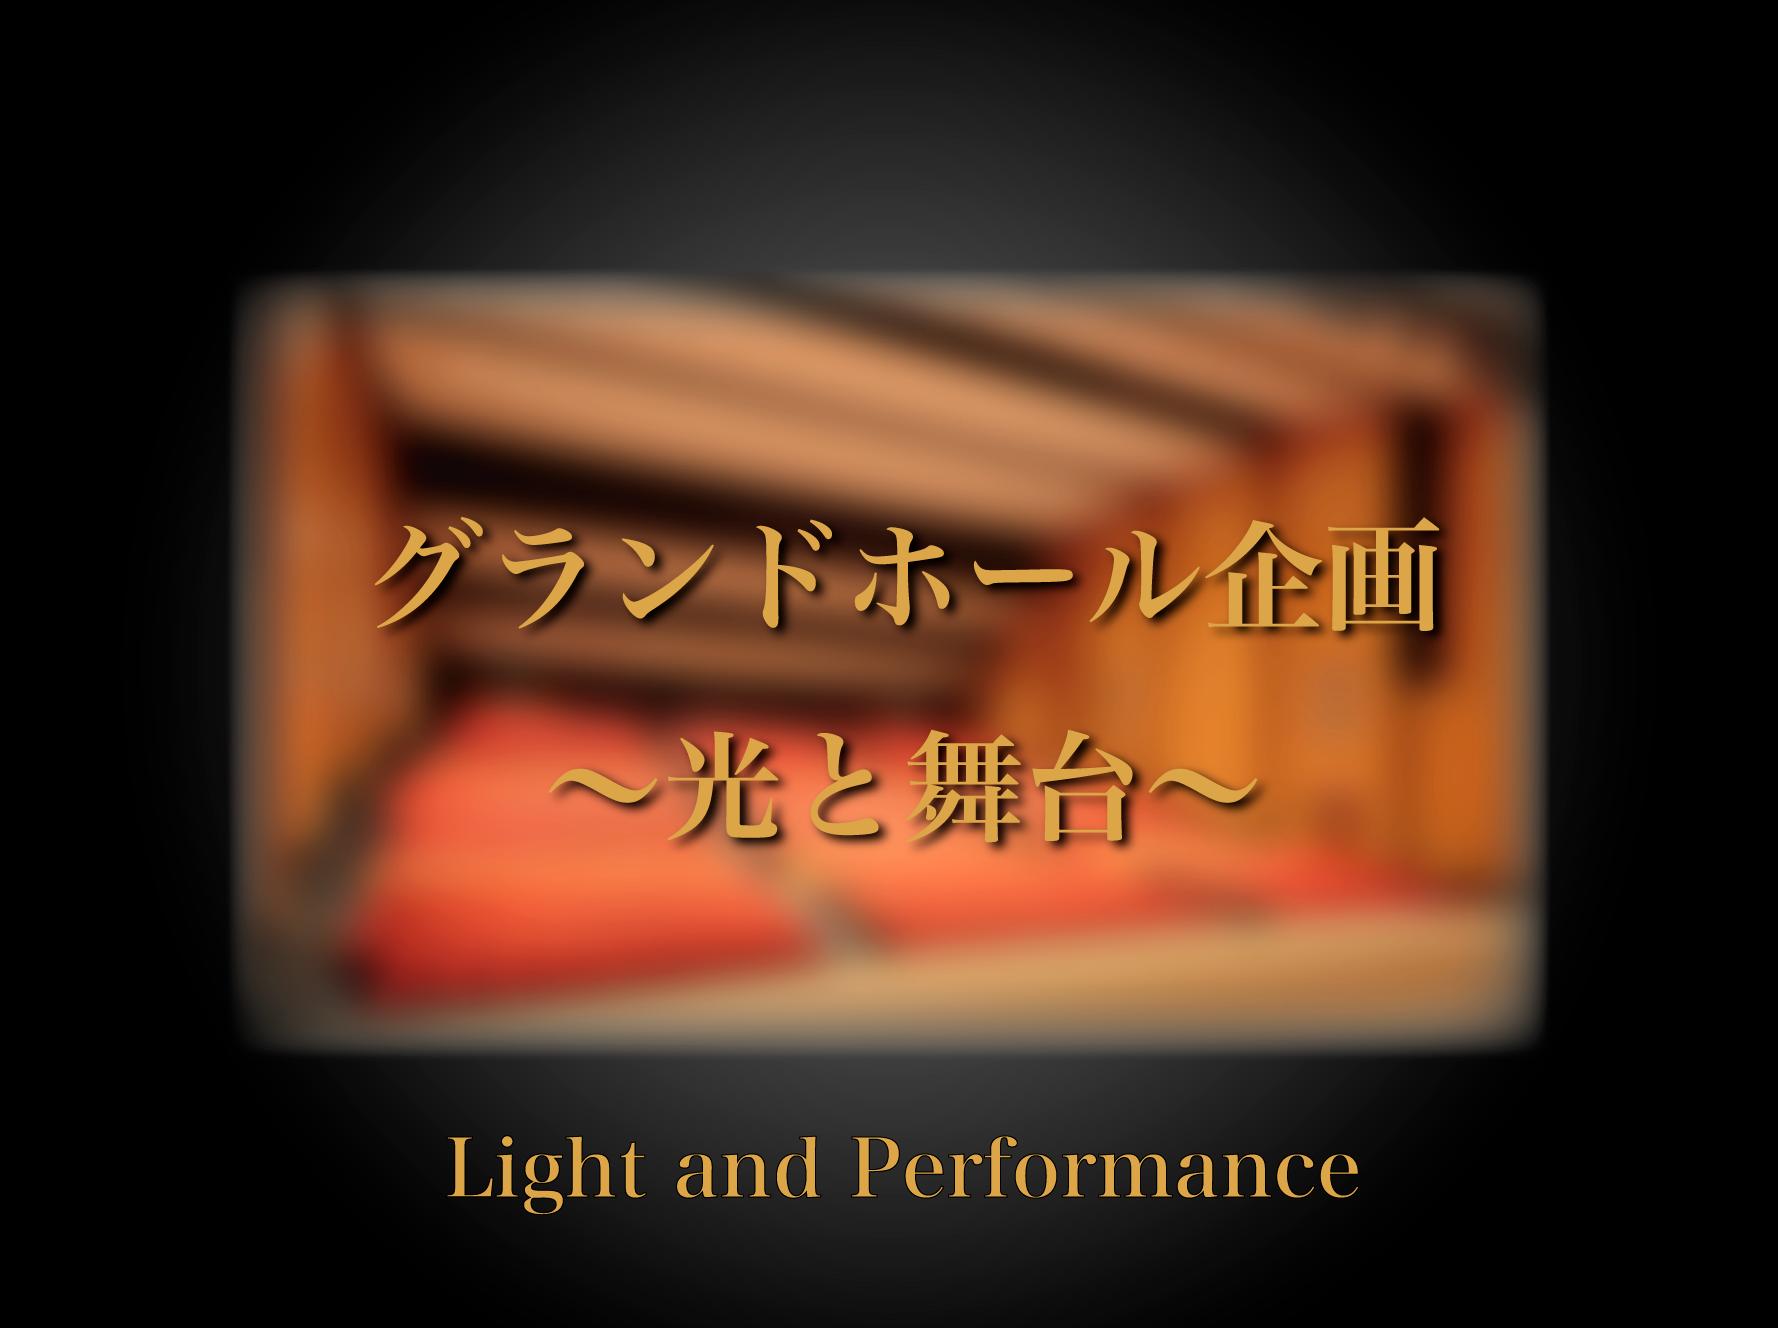 グランドホール企画 〜光と舞台〜